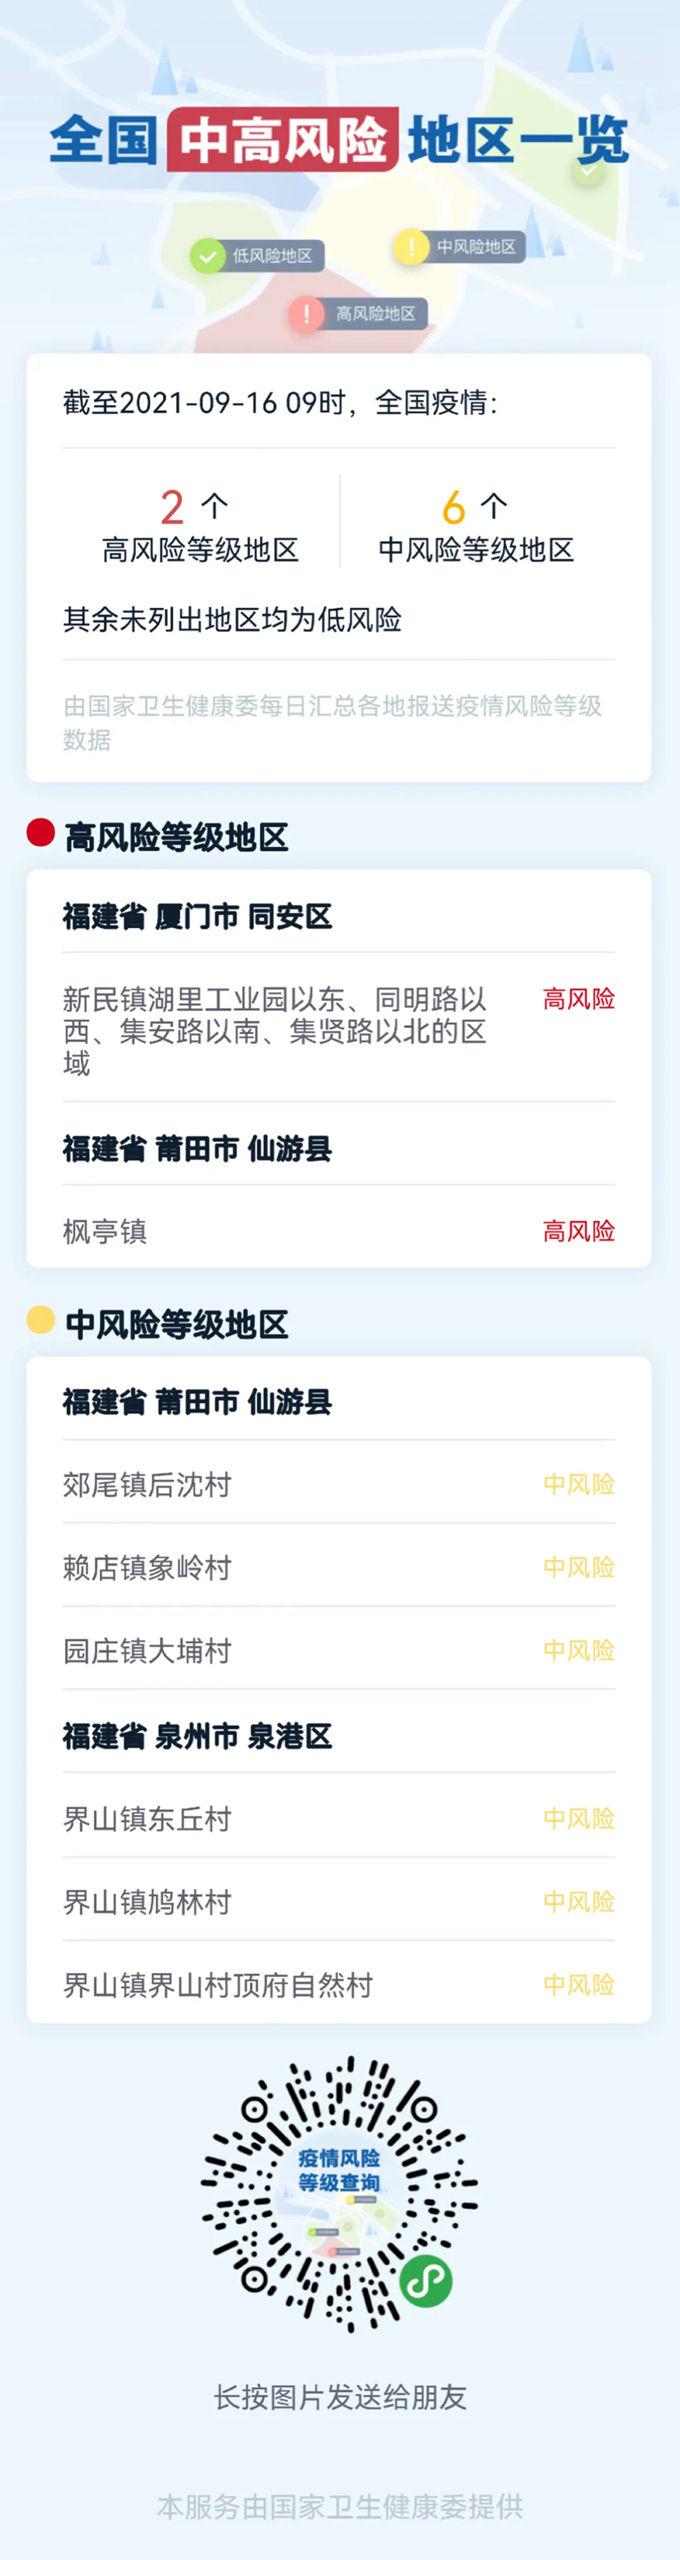 昨日新增本土确诊病例49例、四川泸县发生6.0级地震......最新消息!